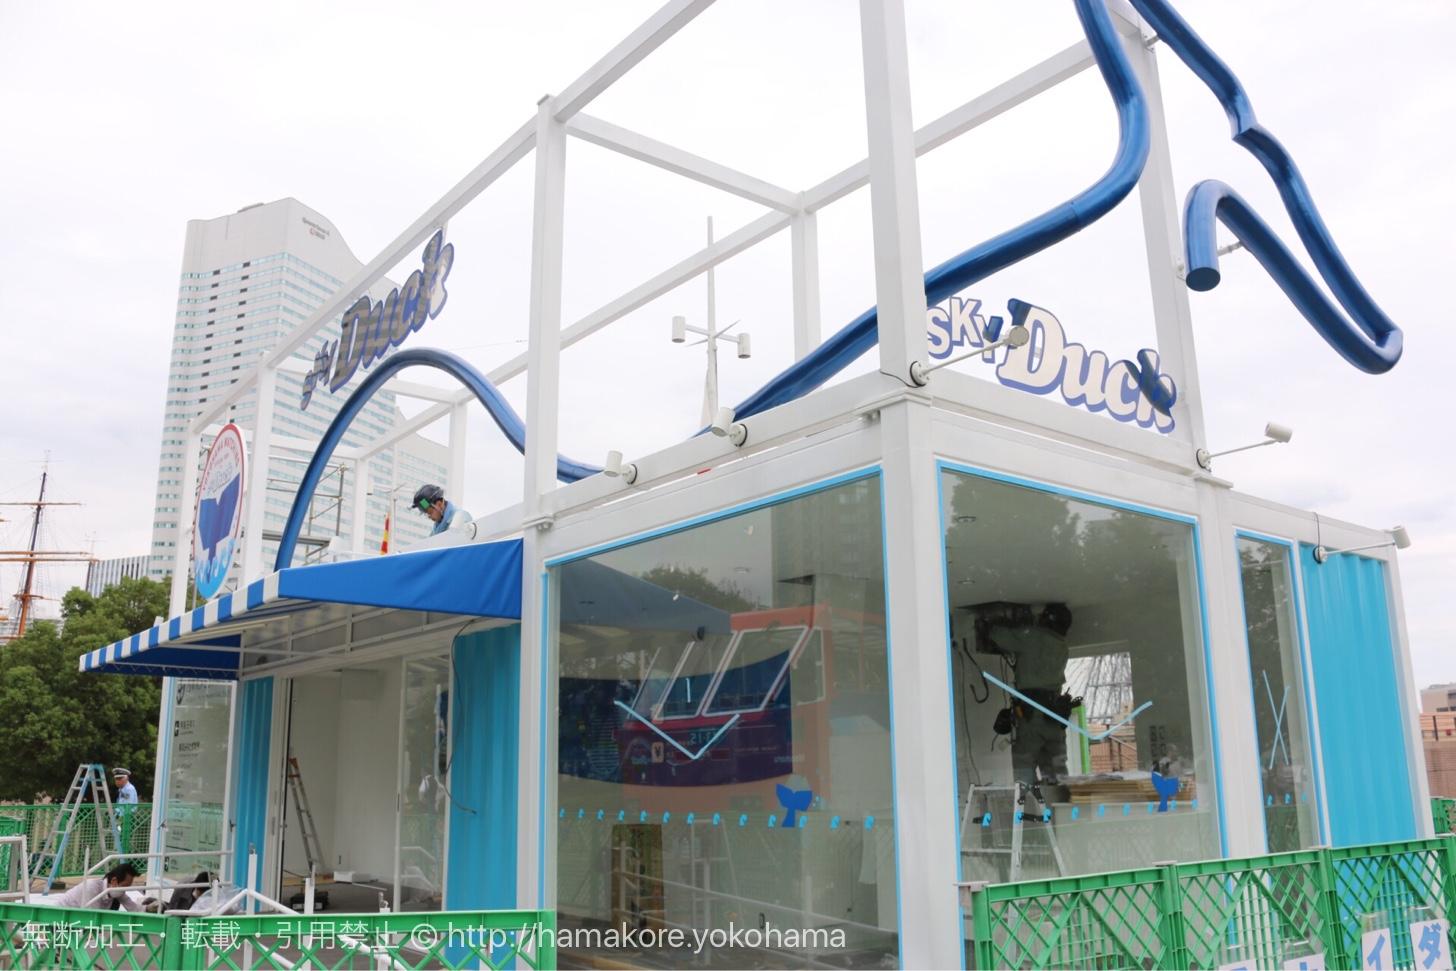 水陸両用バス 横浜(スカイダック)のチケット売り場が現在新設中!